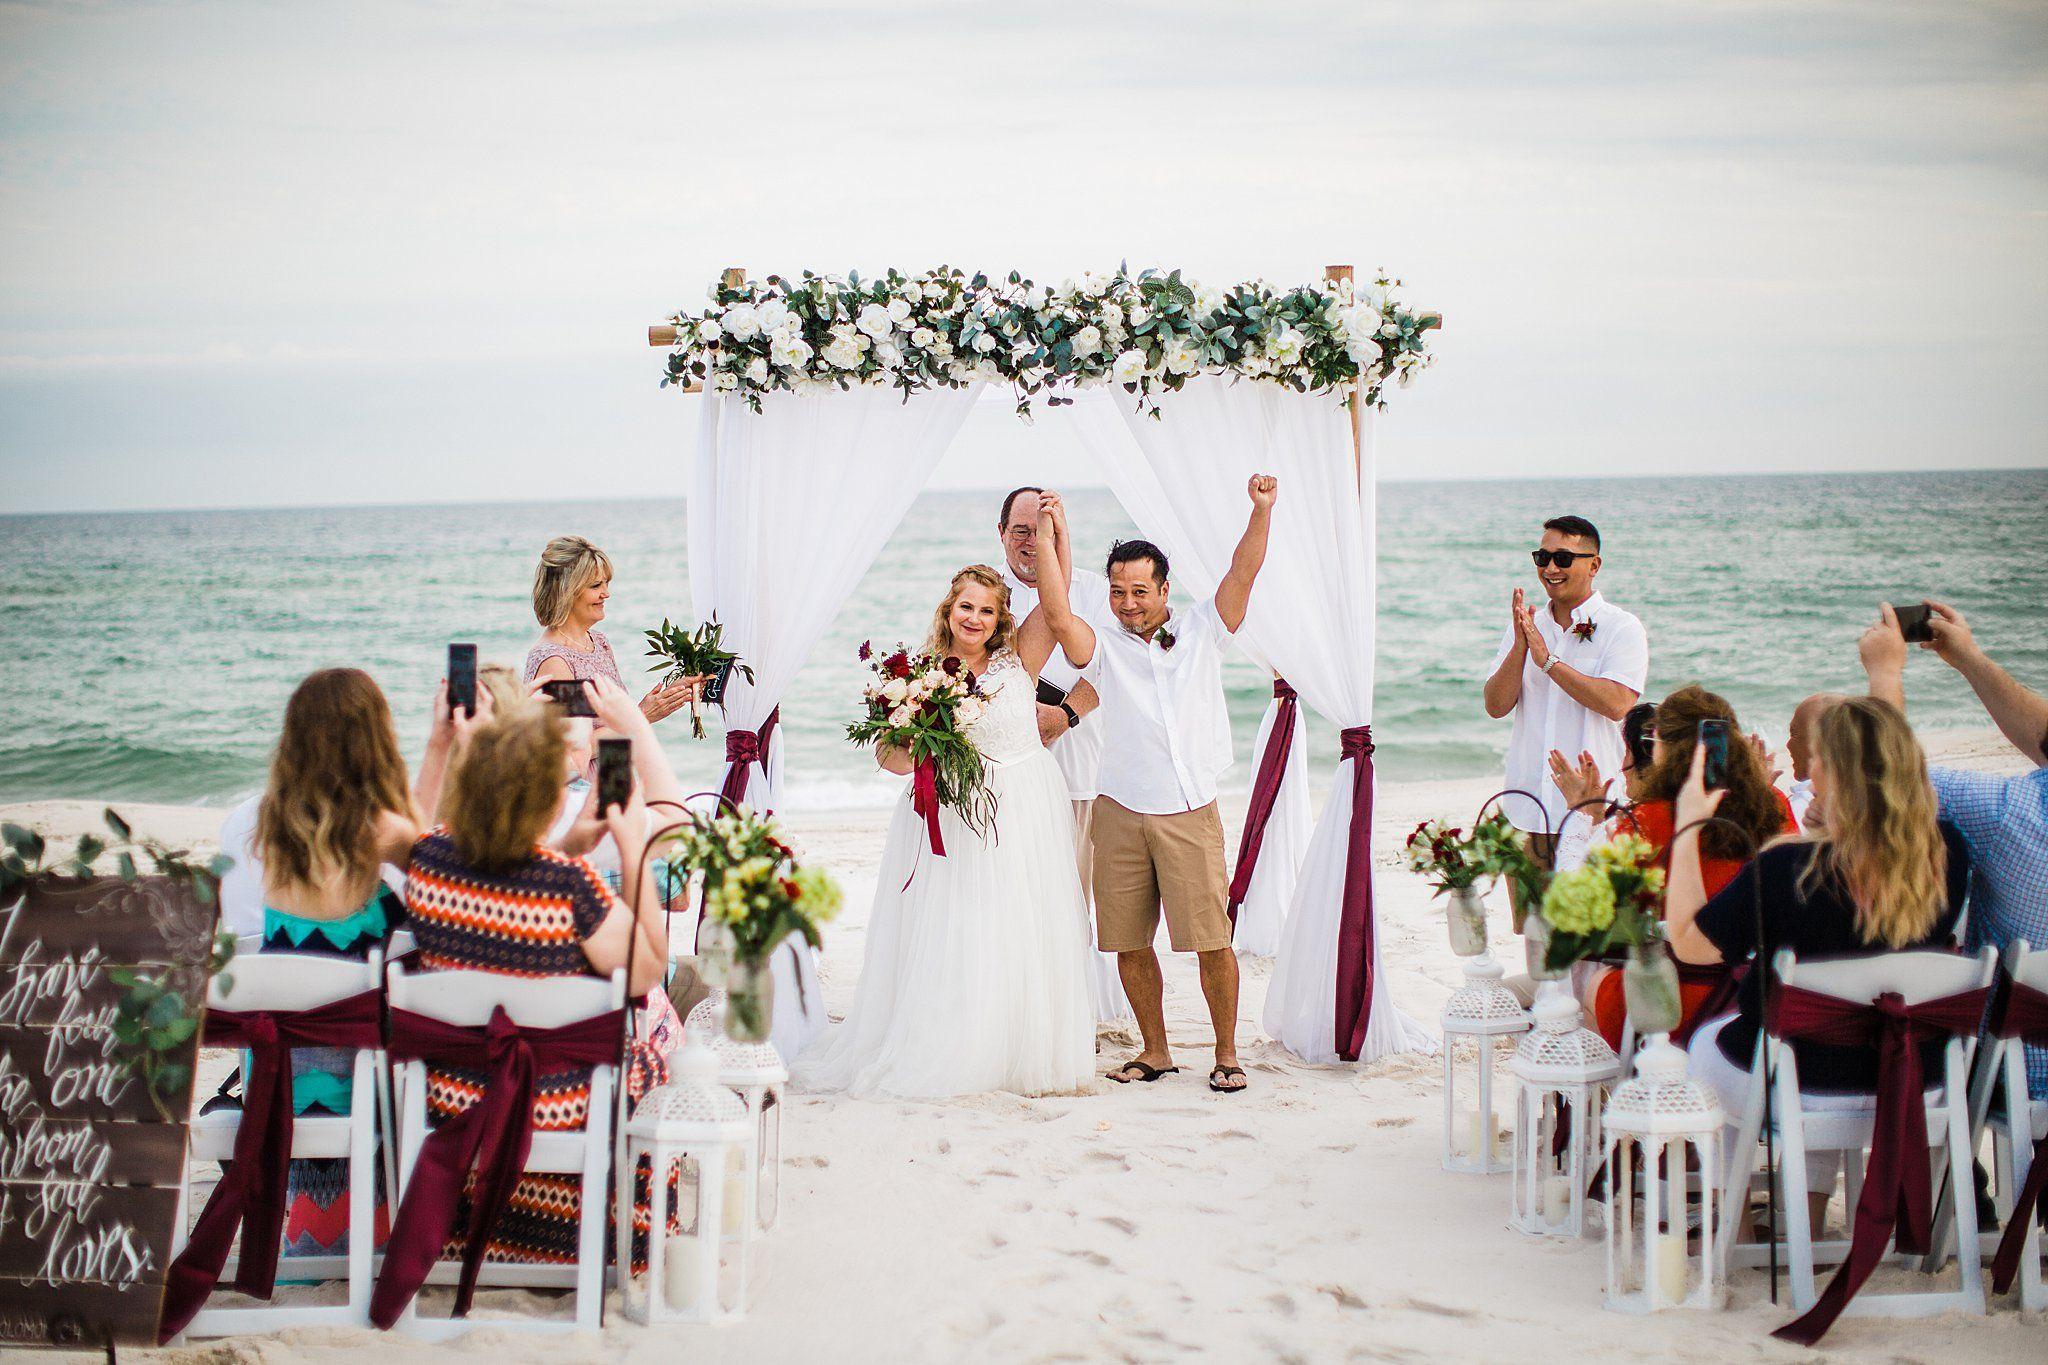 Red White Beach Wedding In 2020 Beach Wedding White Beach Wedding Burgundy Beach Wedding Planner